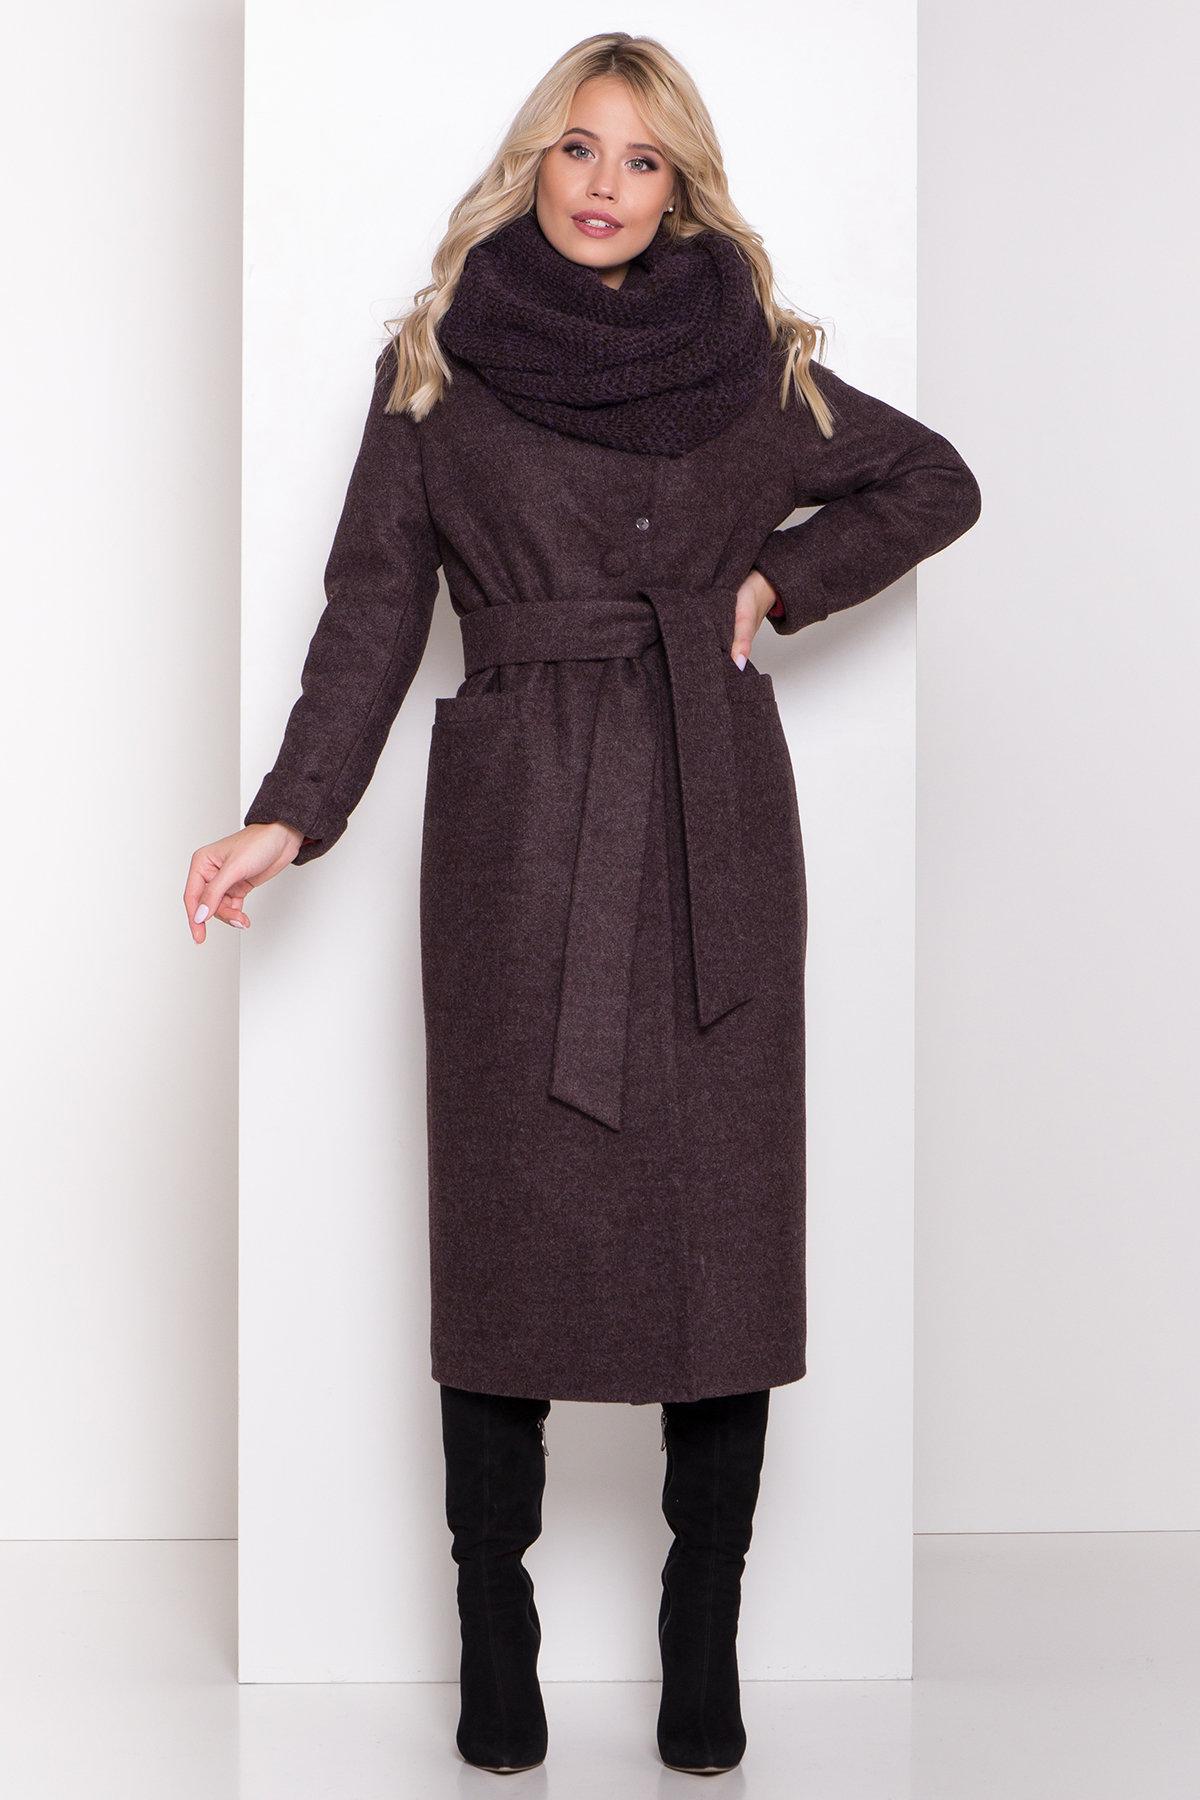 Длинное пальто зима Вива макси 8341 АРТ. 44495 Цвет: Шоколад 7 - фото 1, интернет магазин tm-modus.ru